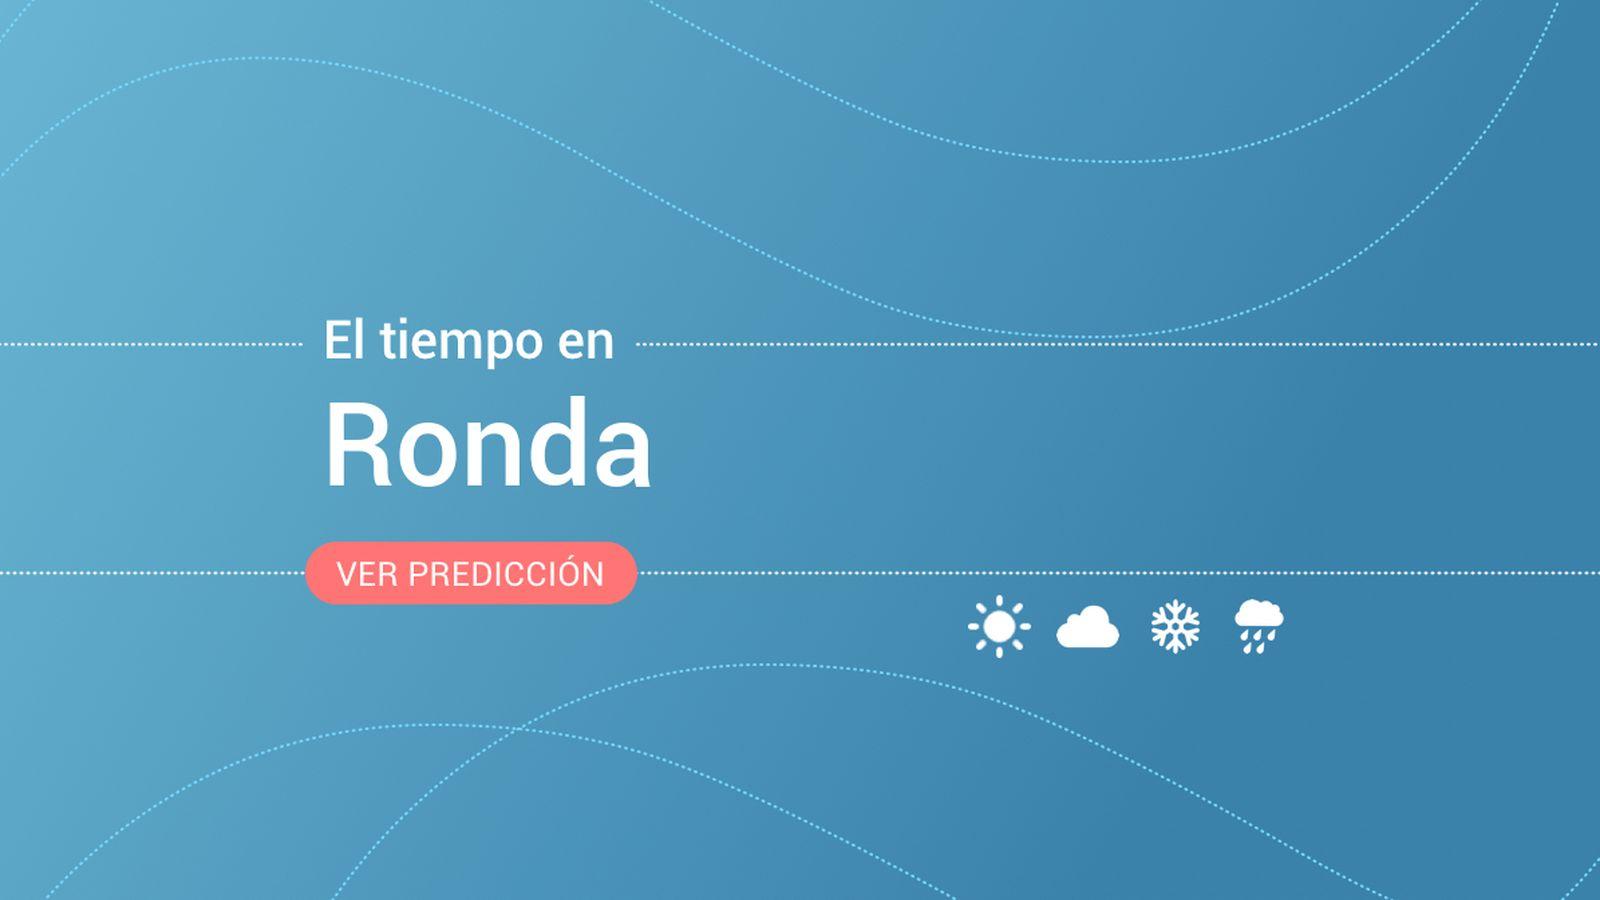 Foto: El tiempo en Ronda. (EC)